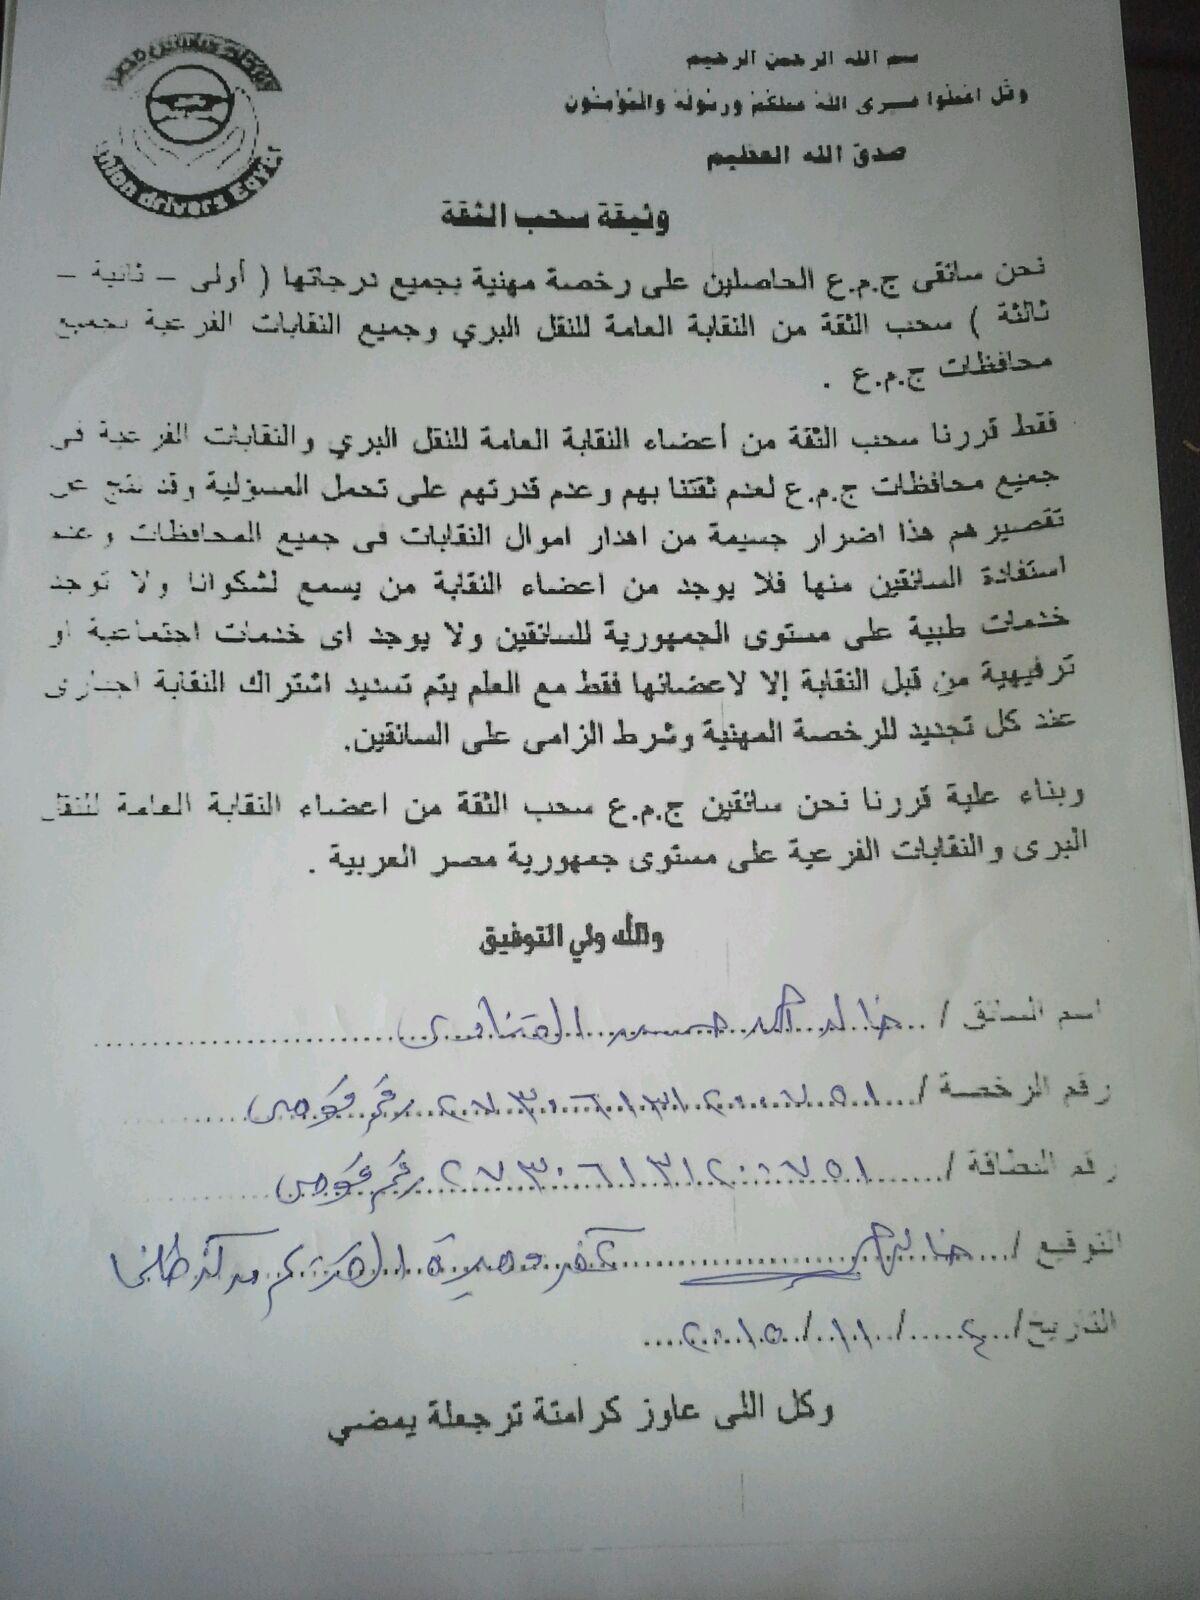 سائقون مصريون بالسعودية ينضمون لحملة سحب الثقة من «النقل البري»